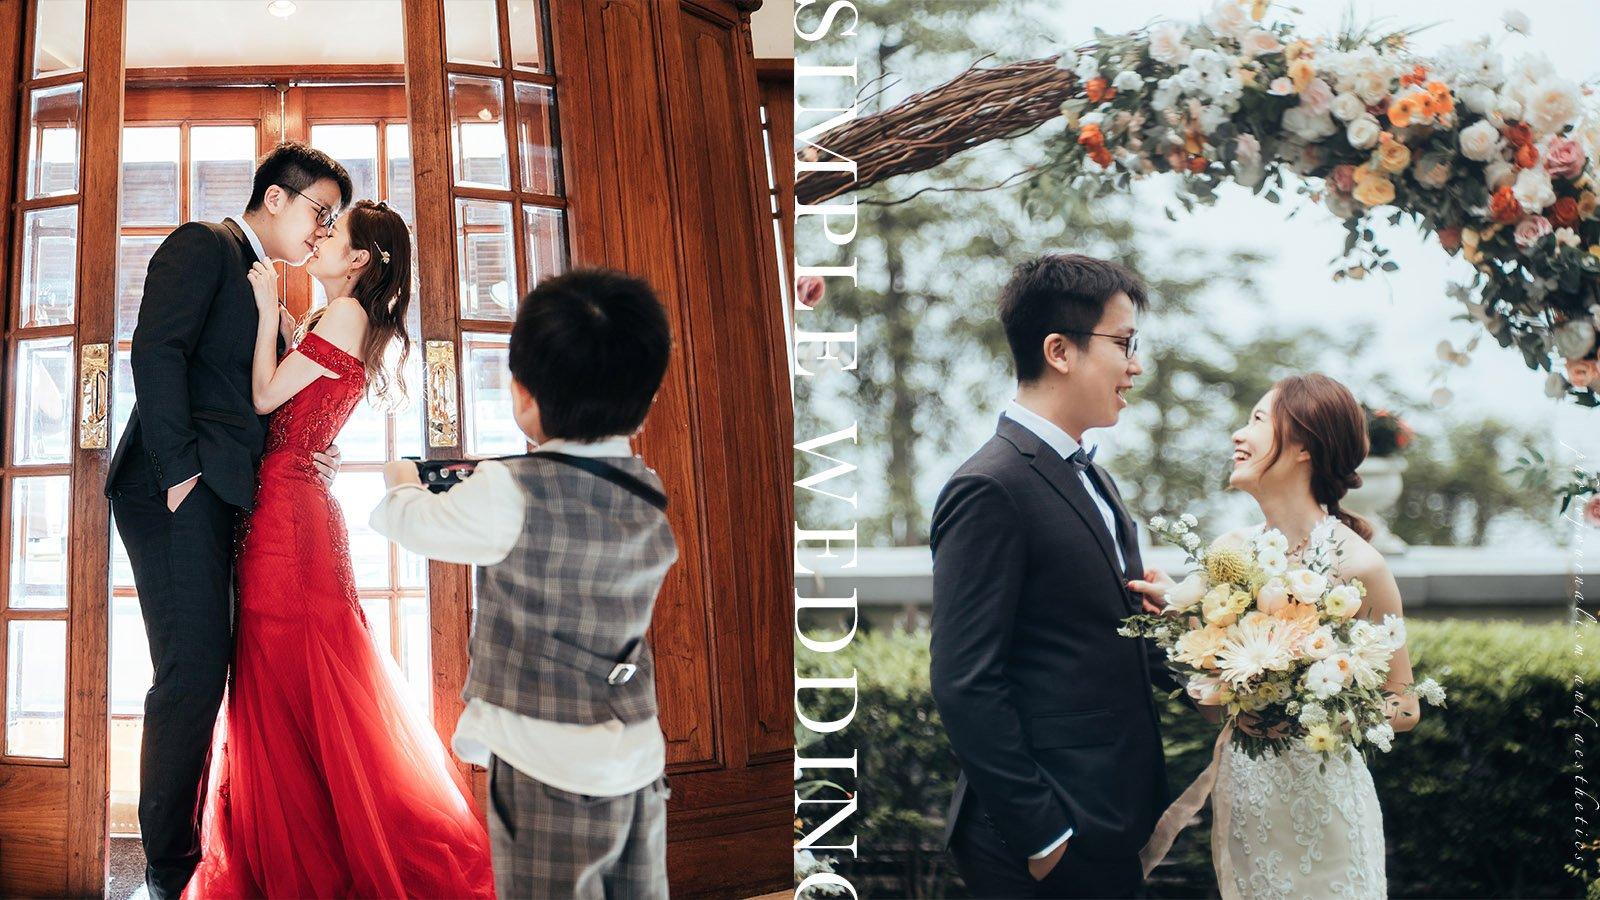 【拾緣】 婚禮還是派對? 淺水灣影灣園婚禮攝影